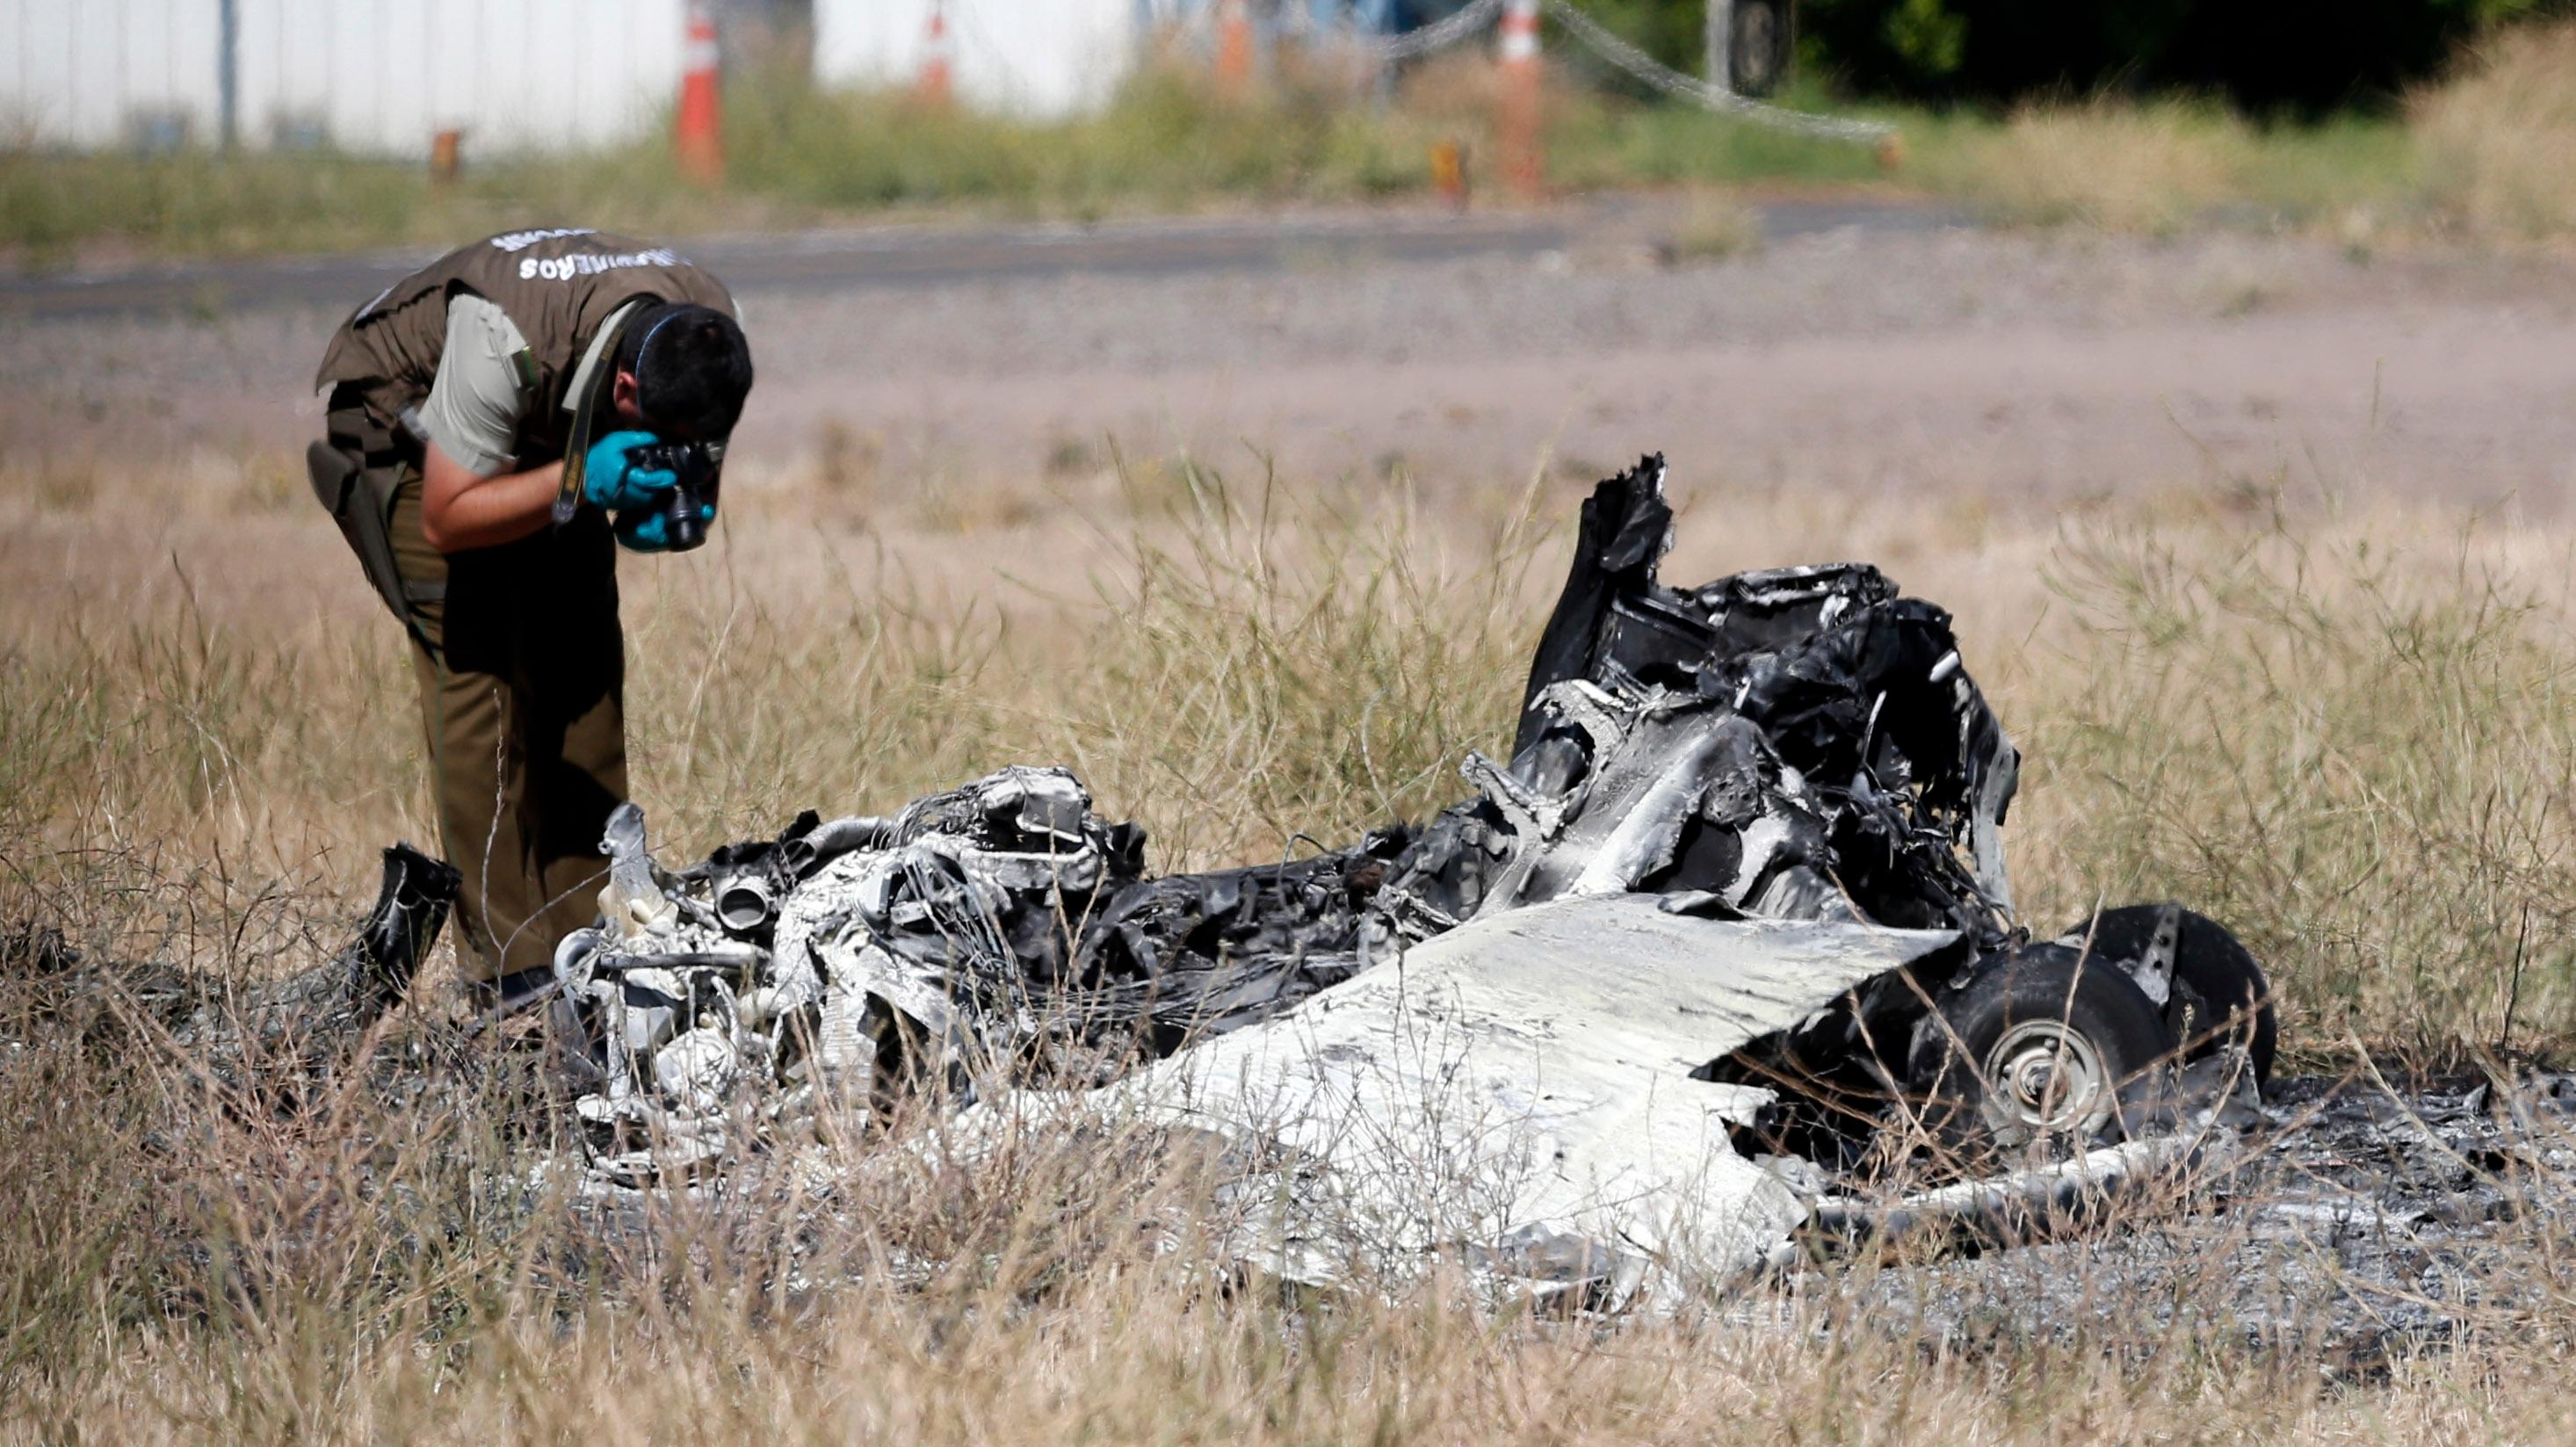 Alcalde de La Reina critica a empresas de instrucción aérea por nuevo accidente en aeródromo de Tobalaba